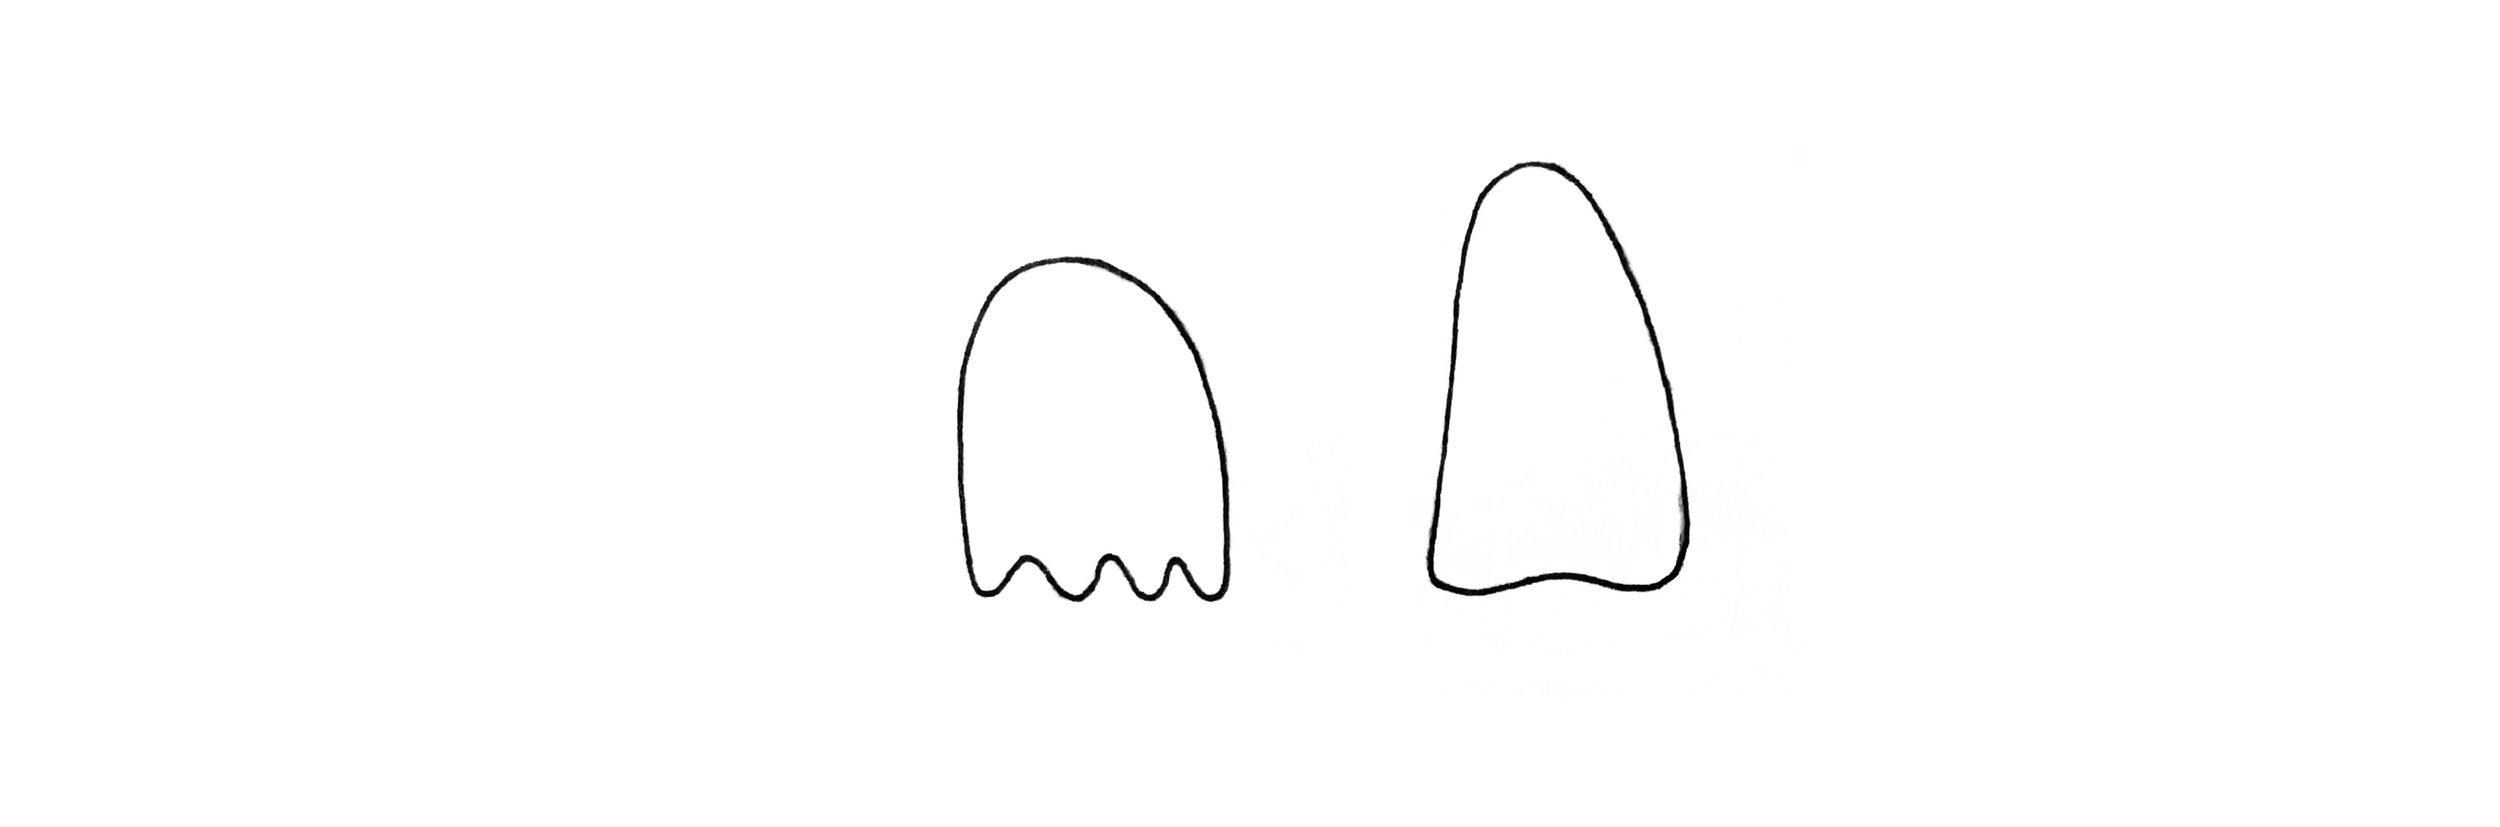 doodle1crop.jpg